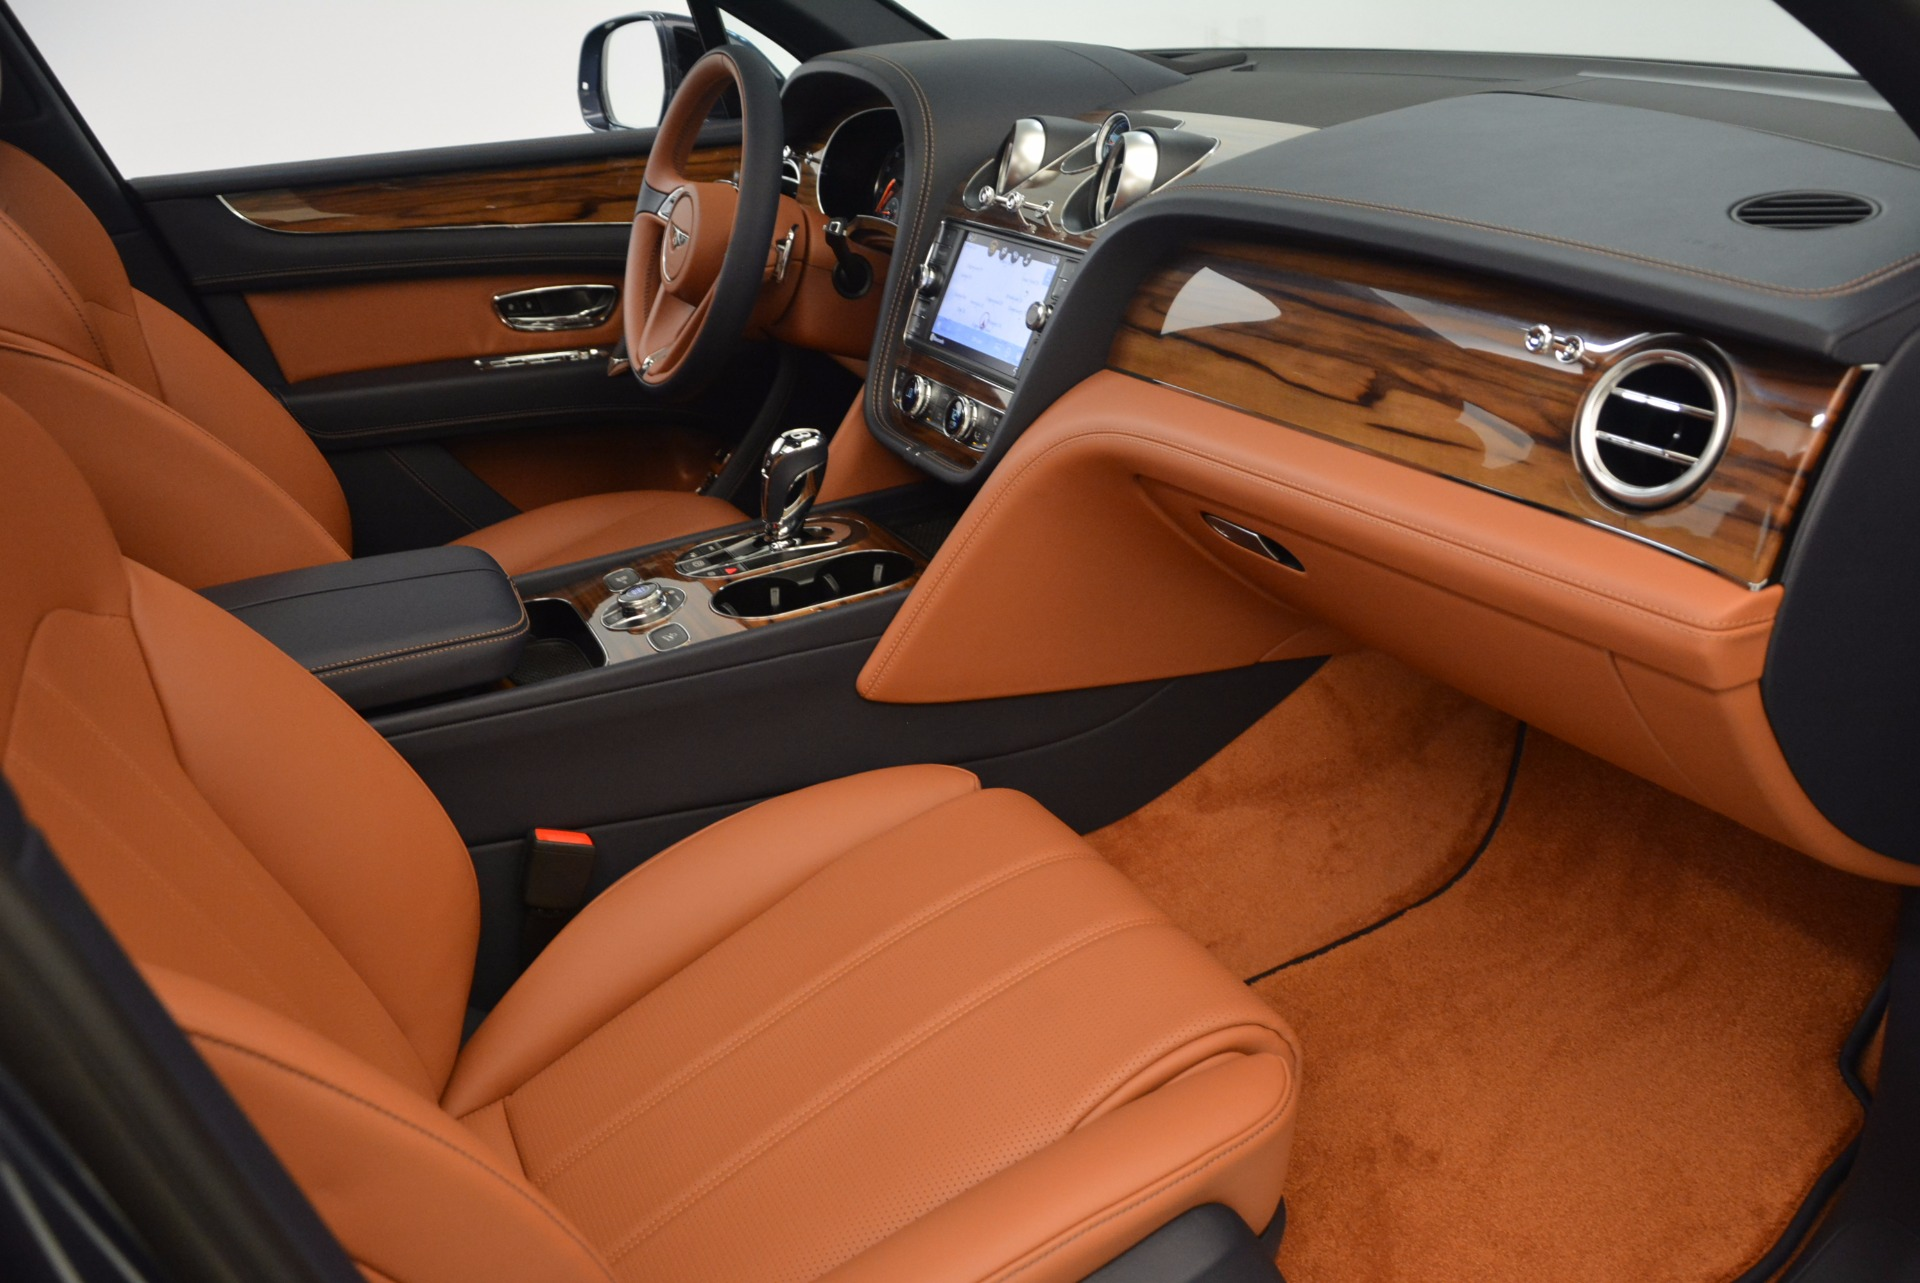 Used 2018 Bentley Bentayga Onyx For Sale In Westport, CT 1651_p27